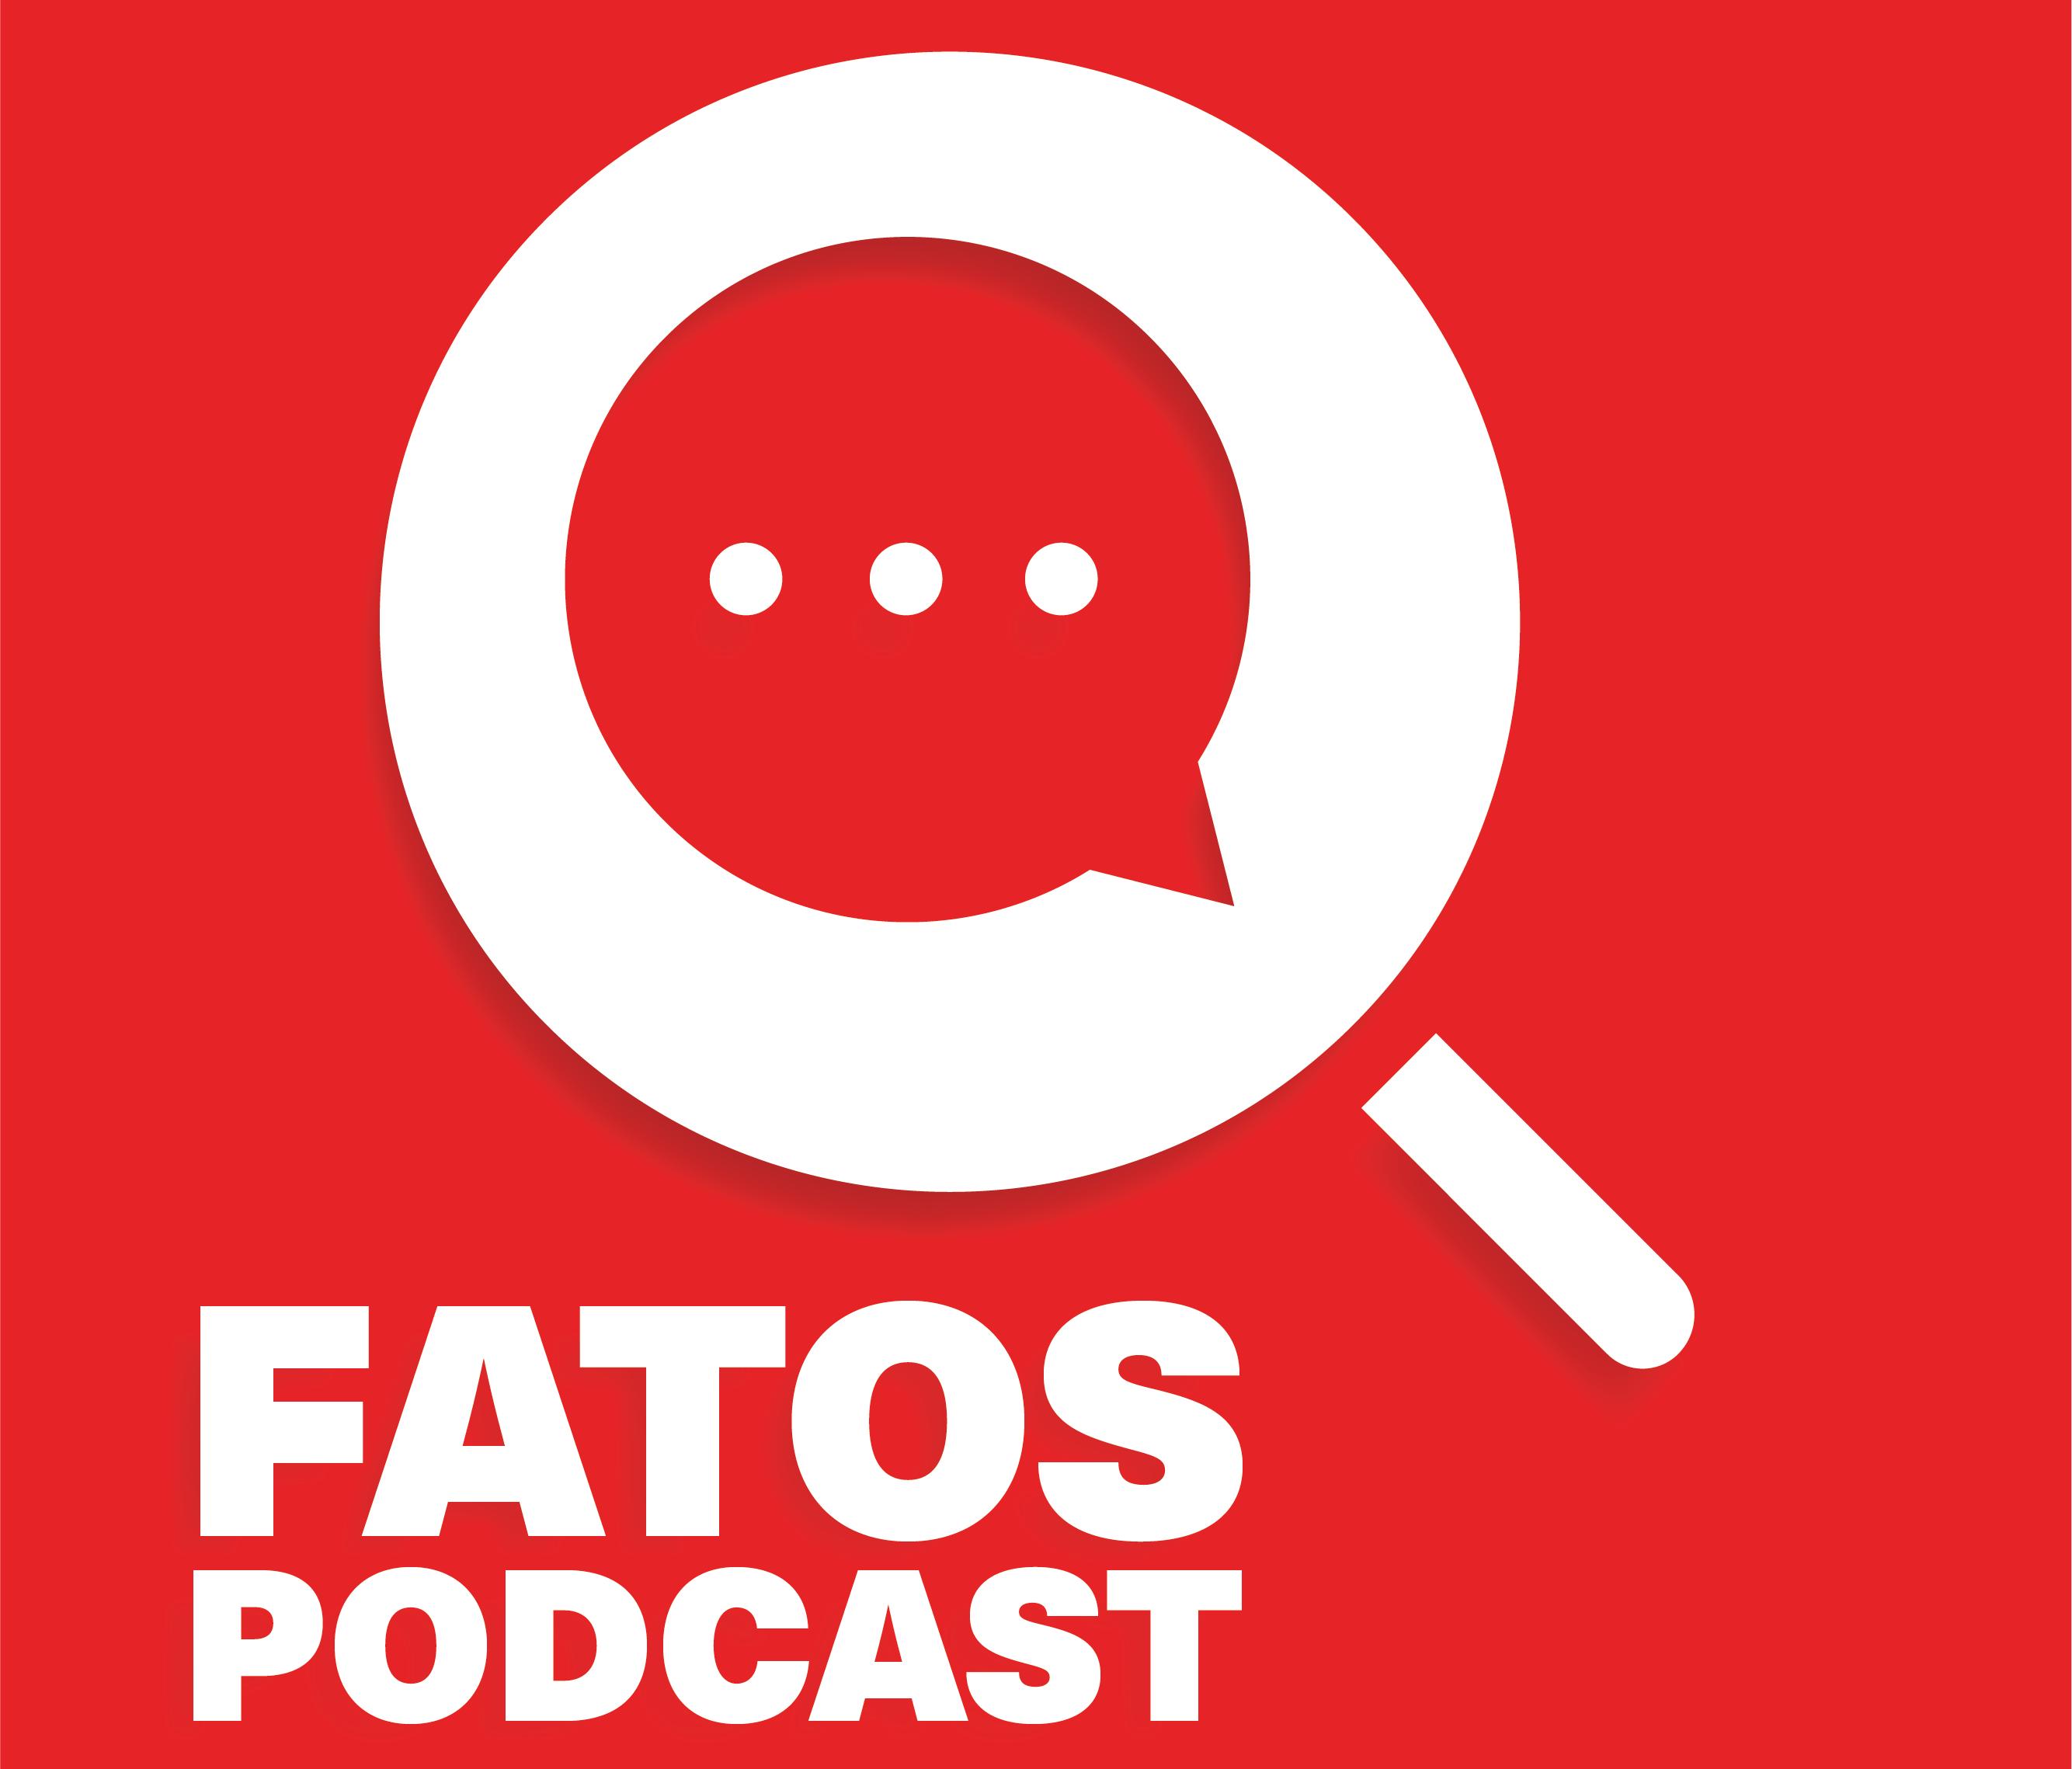 Fatos Podcast